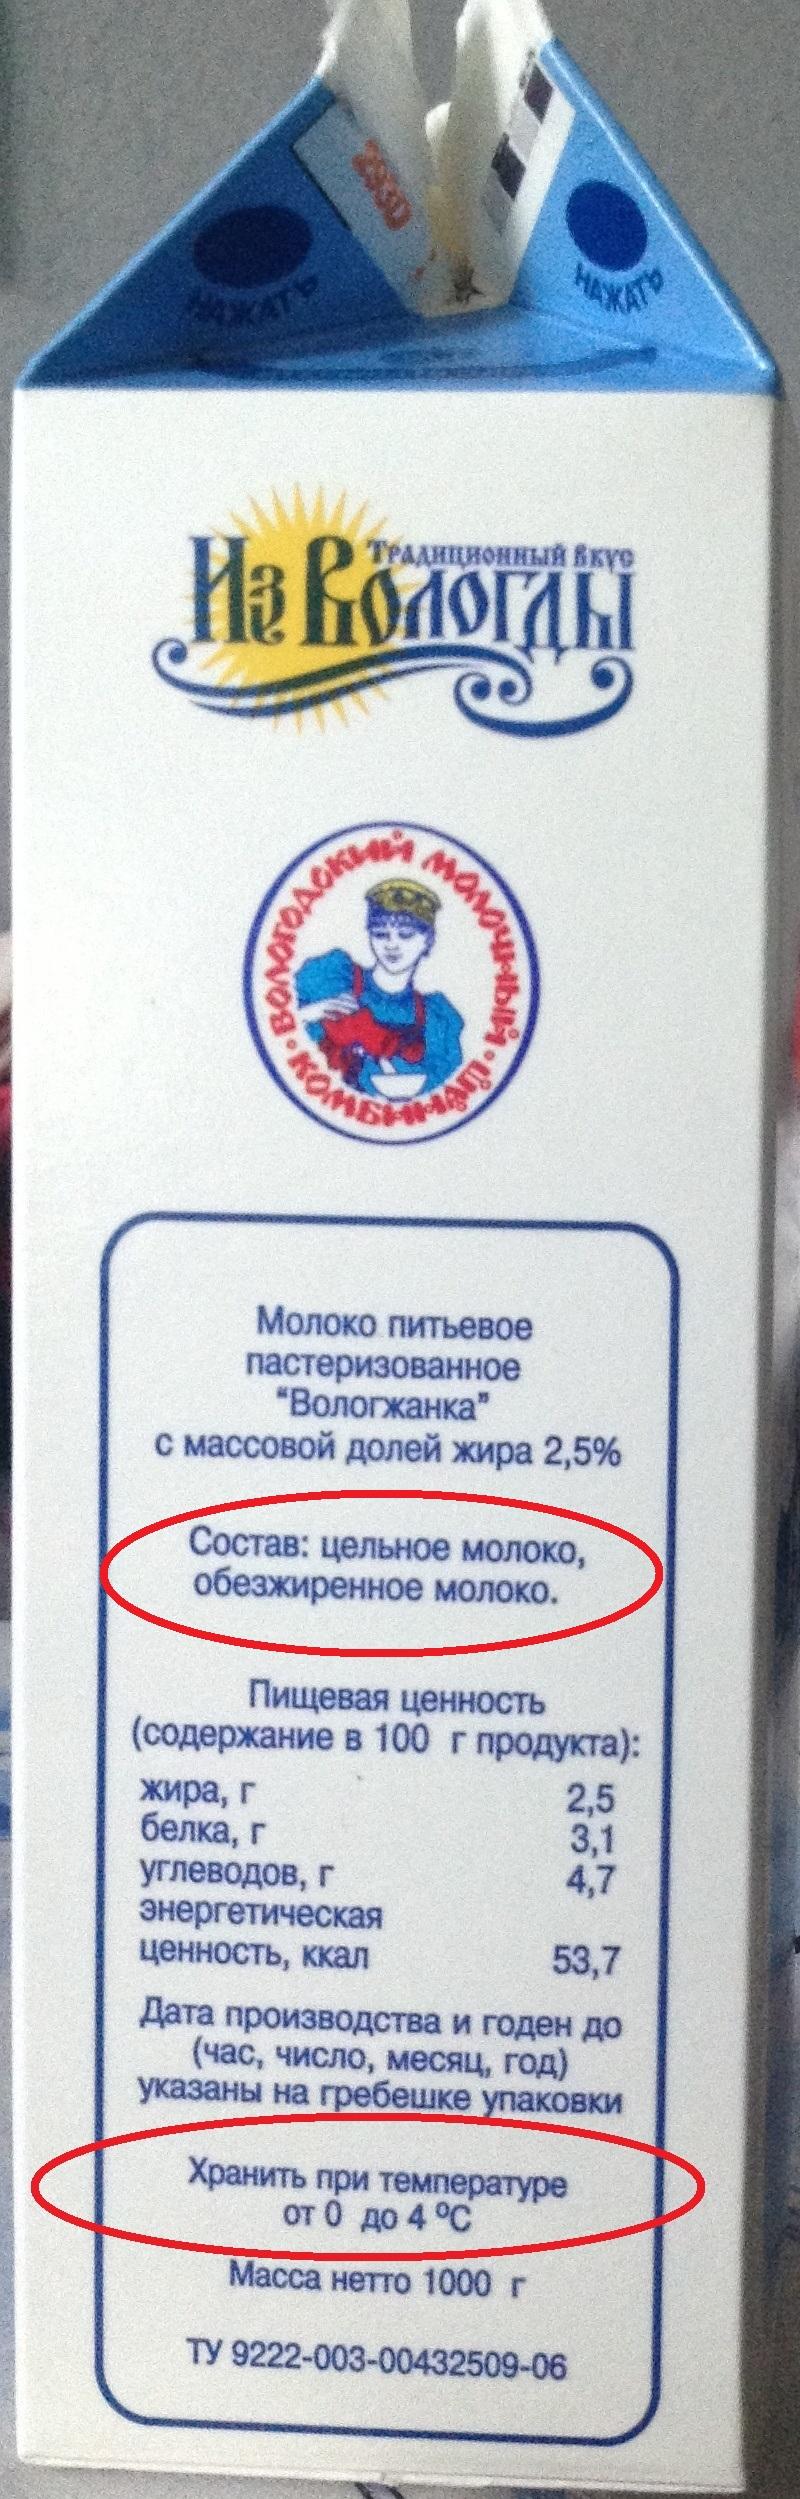 Как в домашних условиях сделать обезжиренное молоко